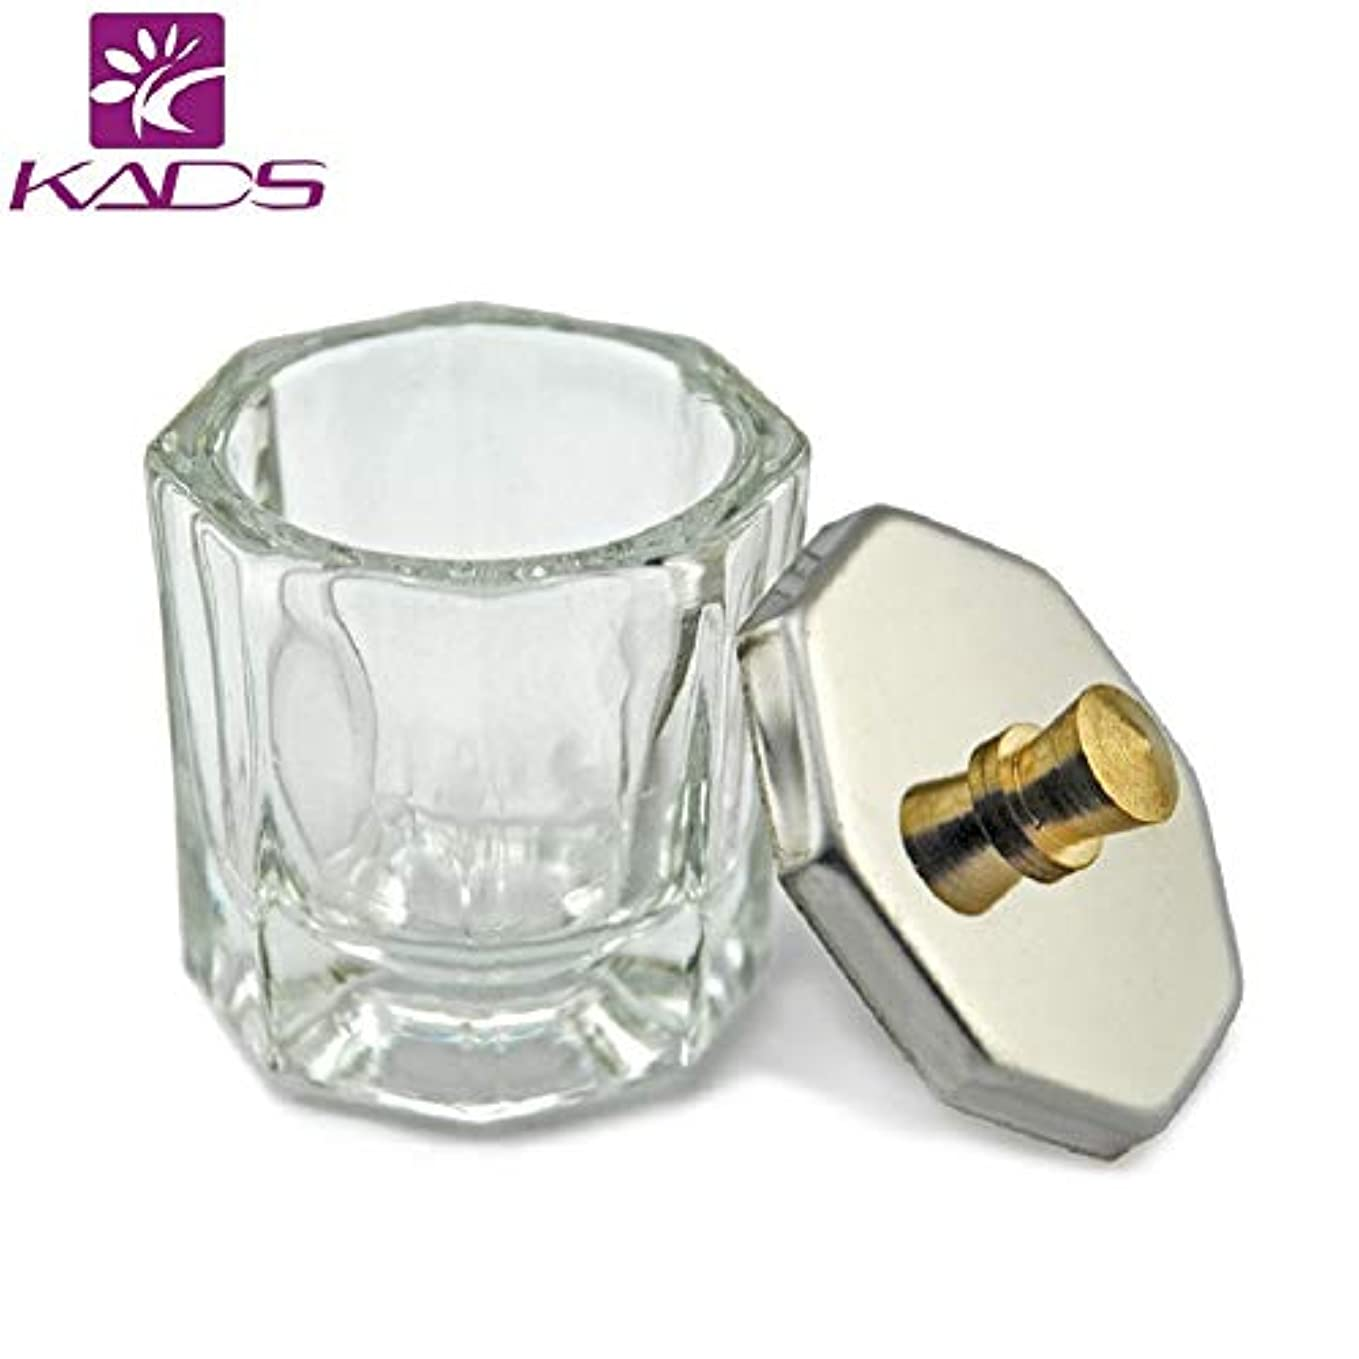 溝石膏顧問KADS 八角形ネイルダッペンディッシュ フタ付き ガラス製 筆洗いガラス容器 ジェルネイル用筆洗浄